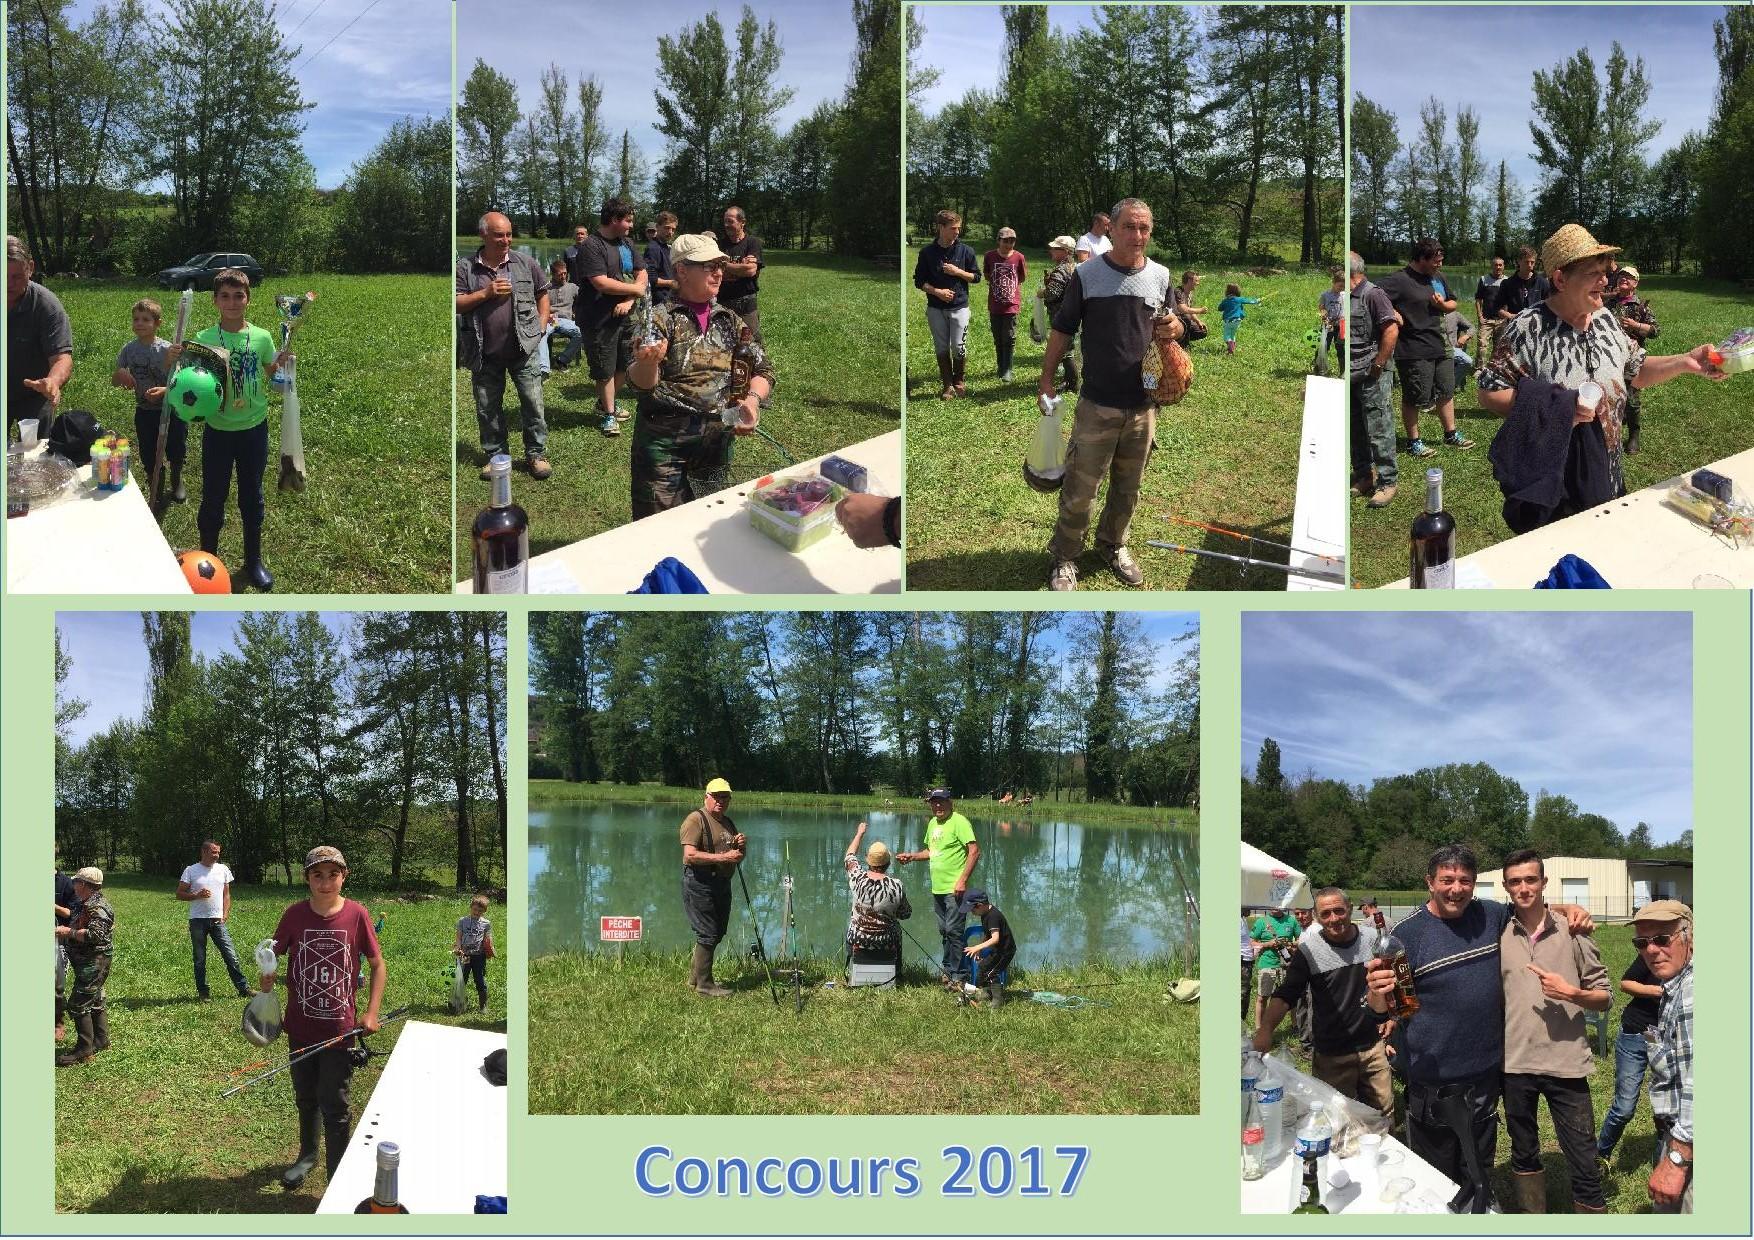 photoconcours2017